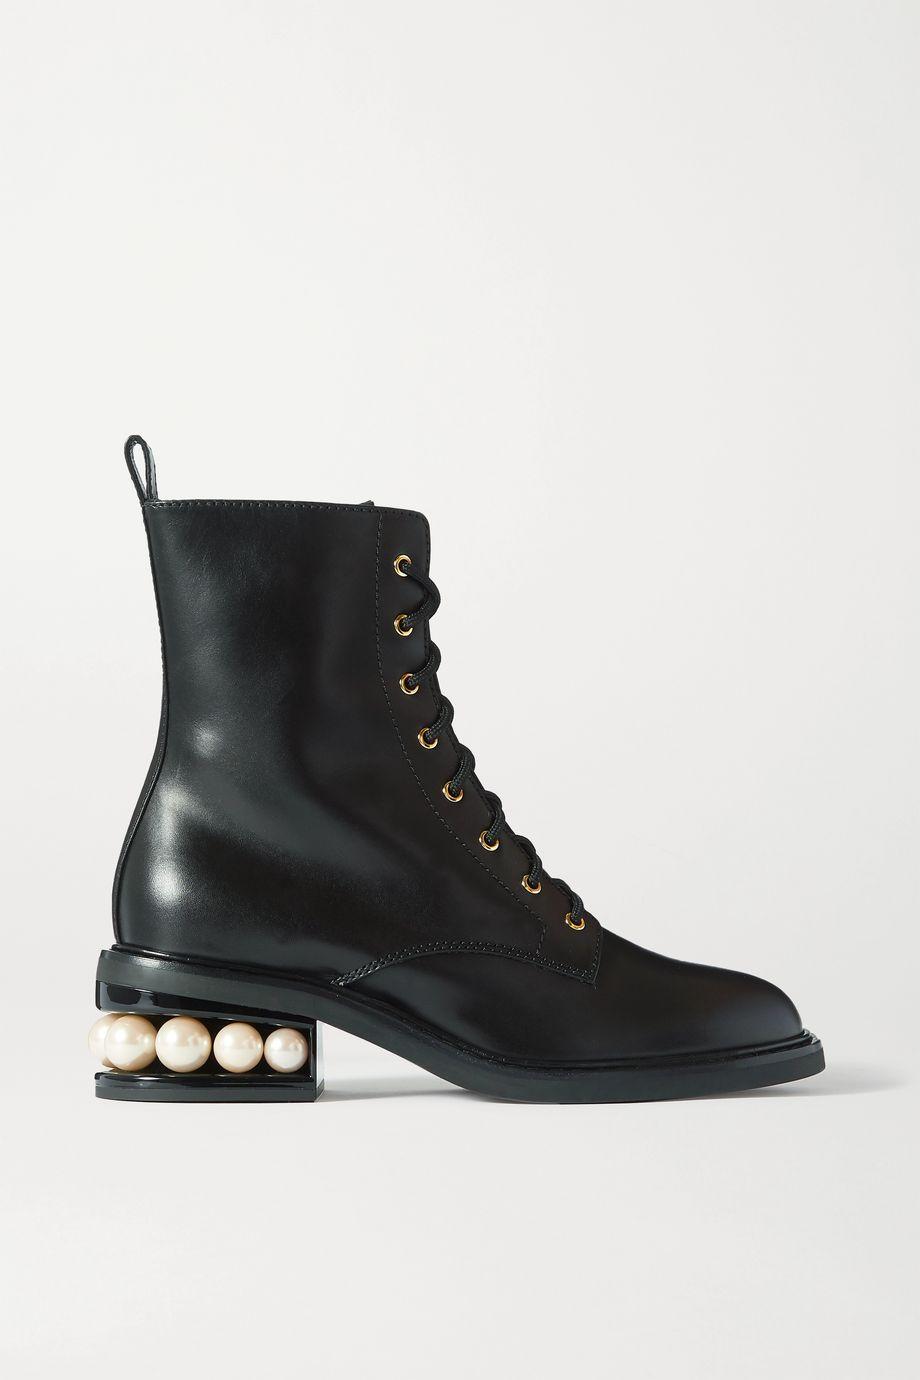 Nicholas Kirkwood Casati 带缀饰皮革踝靴